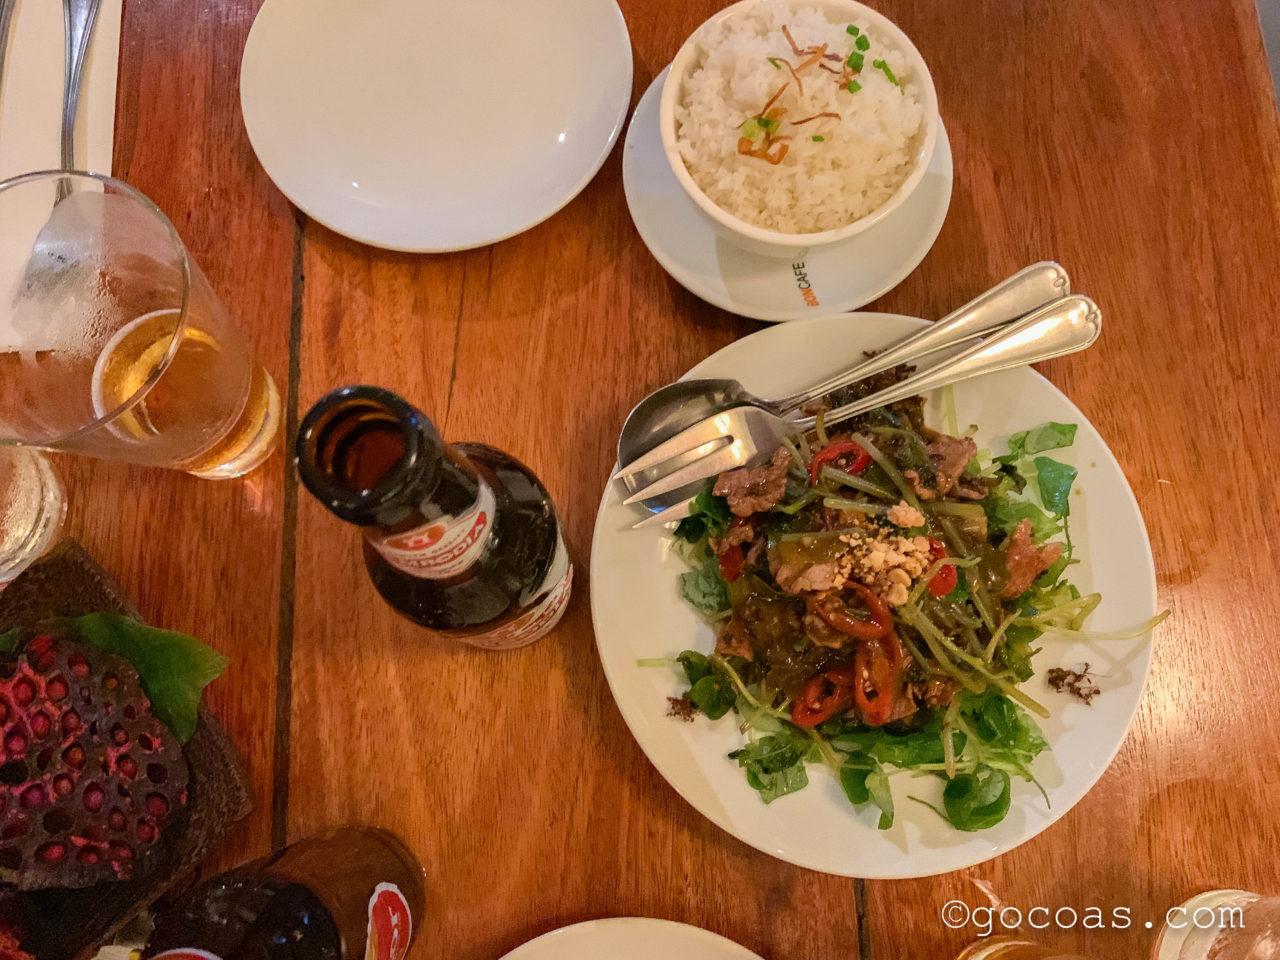 Marumのアリが乗っている肉とサラダの料理